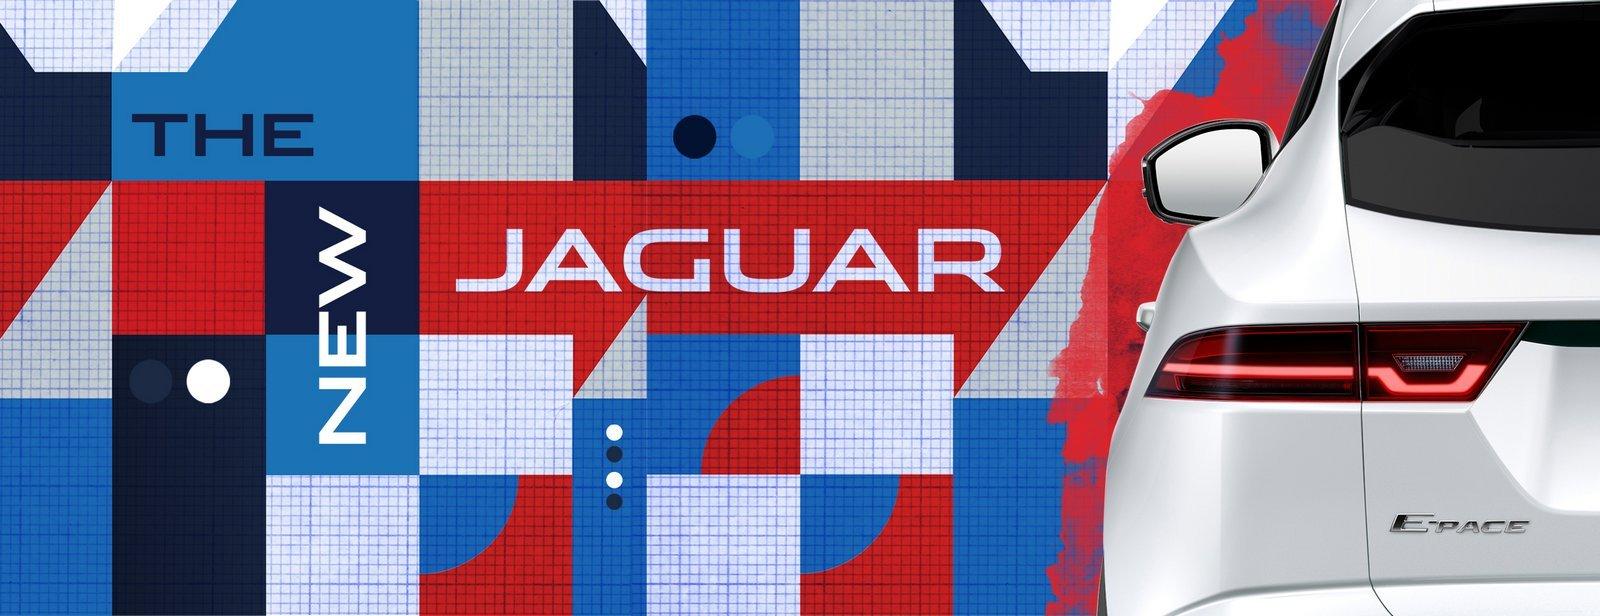 jaguar-e-pace-teaser-3